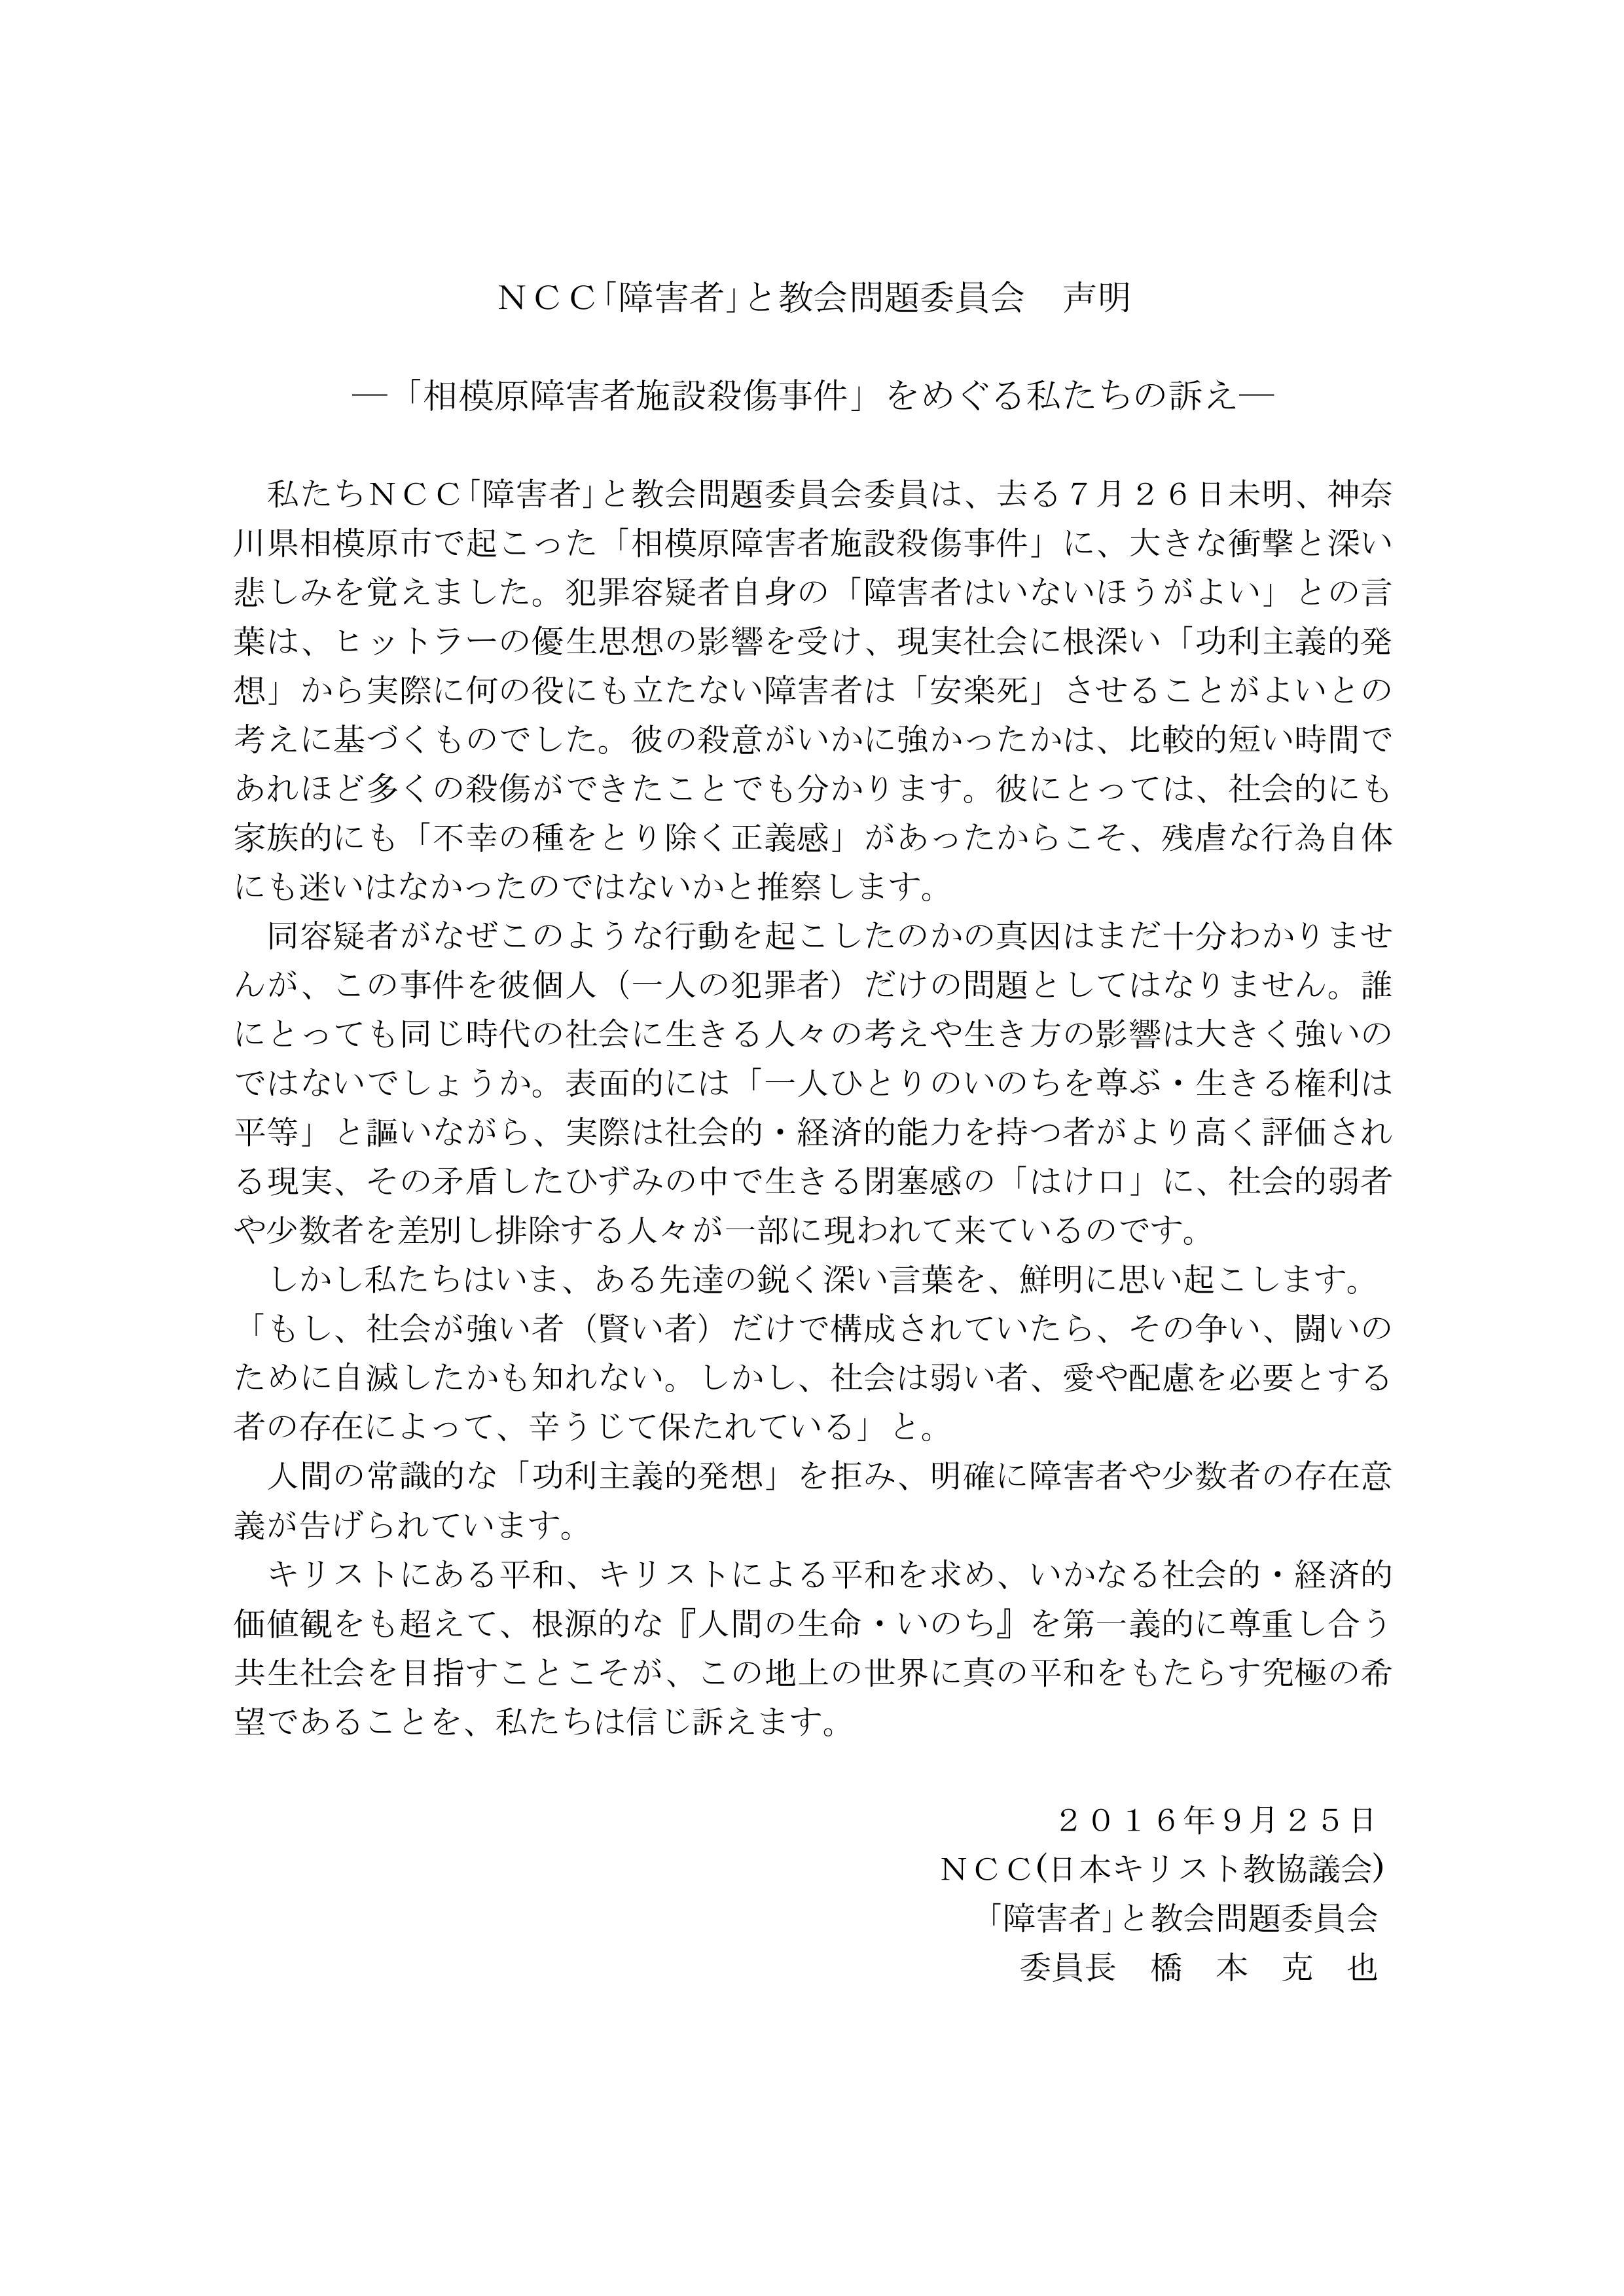 日本キリスト教協議会(NCC)が9月25日付で発表した「NCC『障害者』と教会問題委員会 声明―『相模原障害者施設殺傷事件』をめぐる私たちの訴え―」